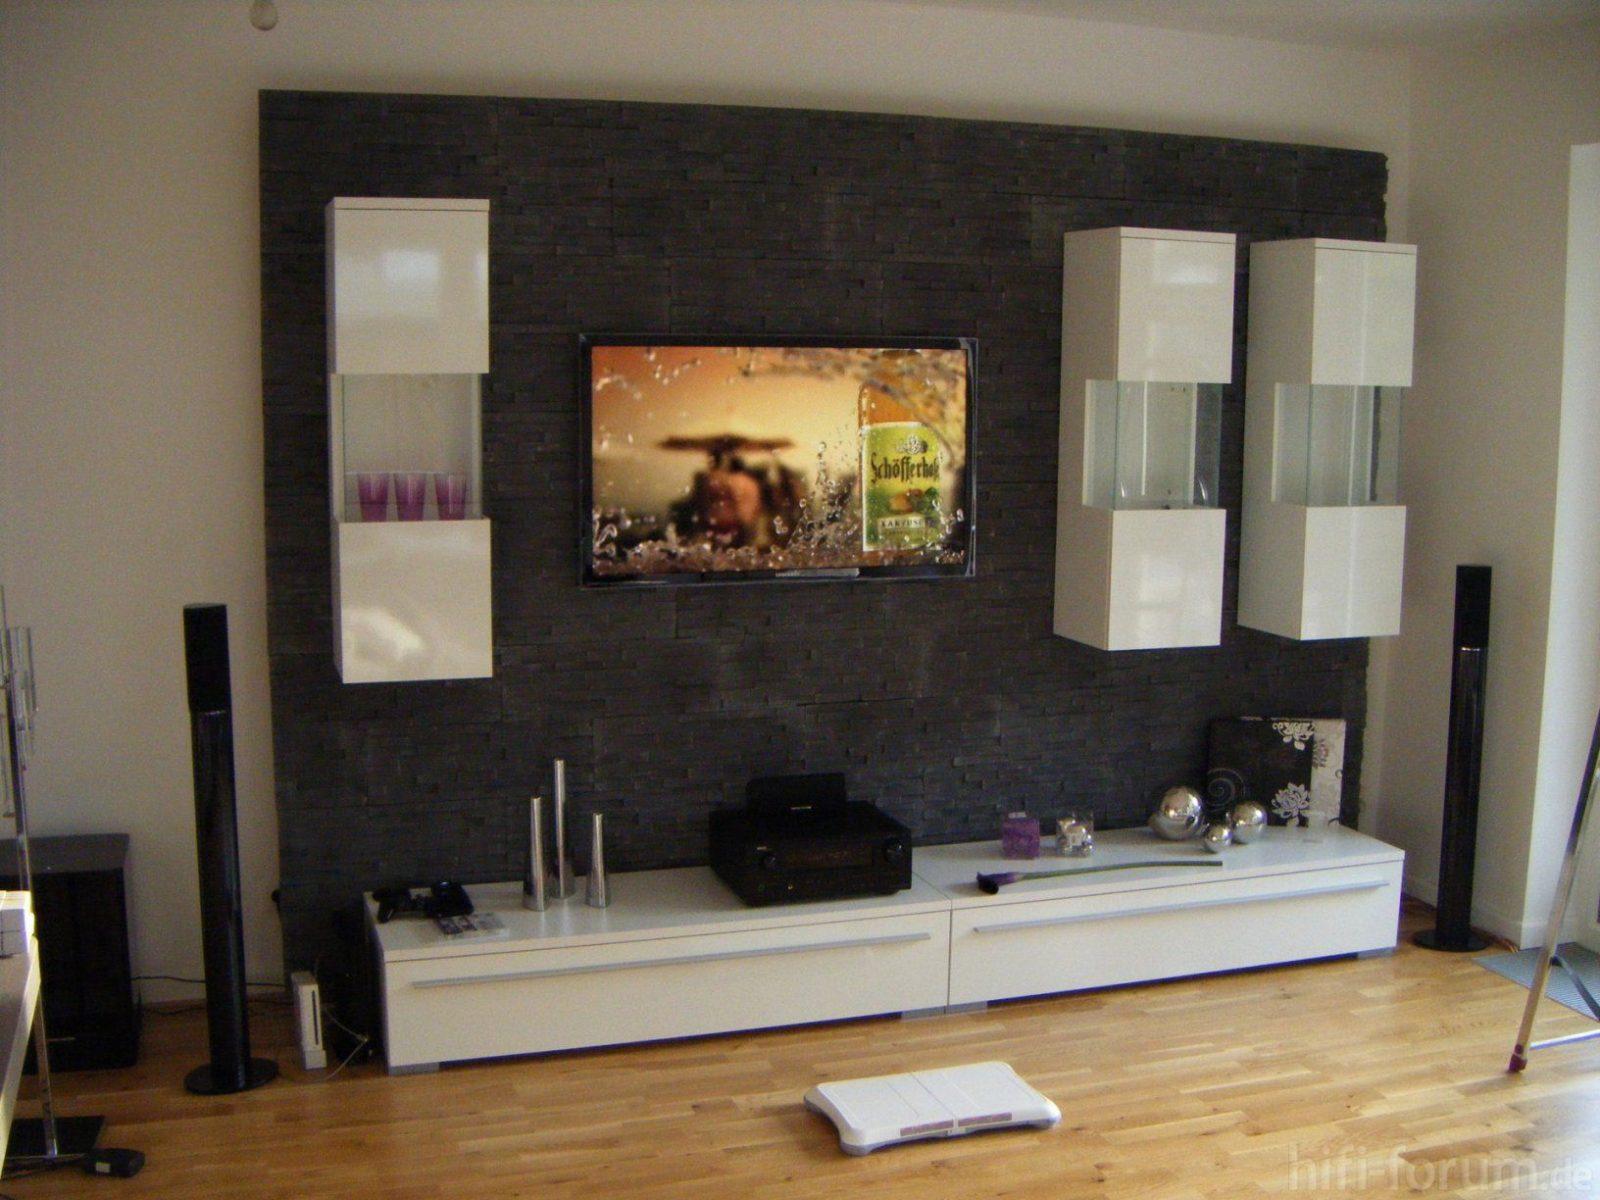 Raumteiler Tv Wand Best Hifi Wand Selber Bauen  Pikachusparadise von Raumteiler Wand Selber Bauen Photo